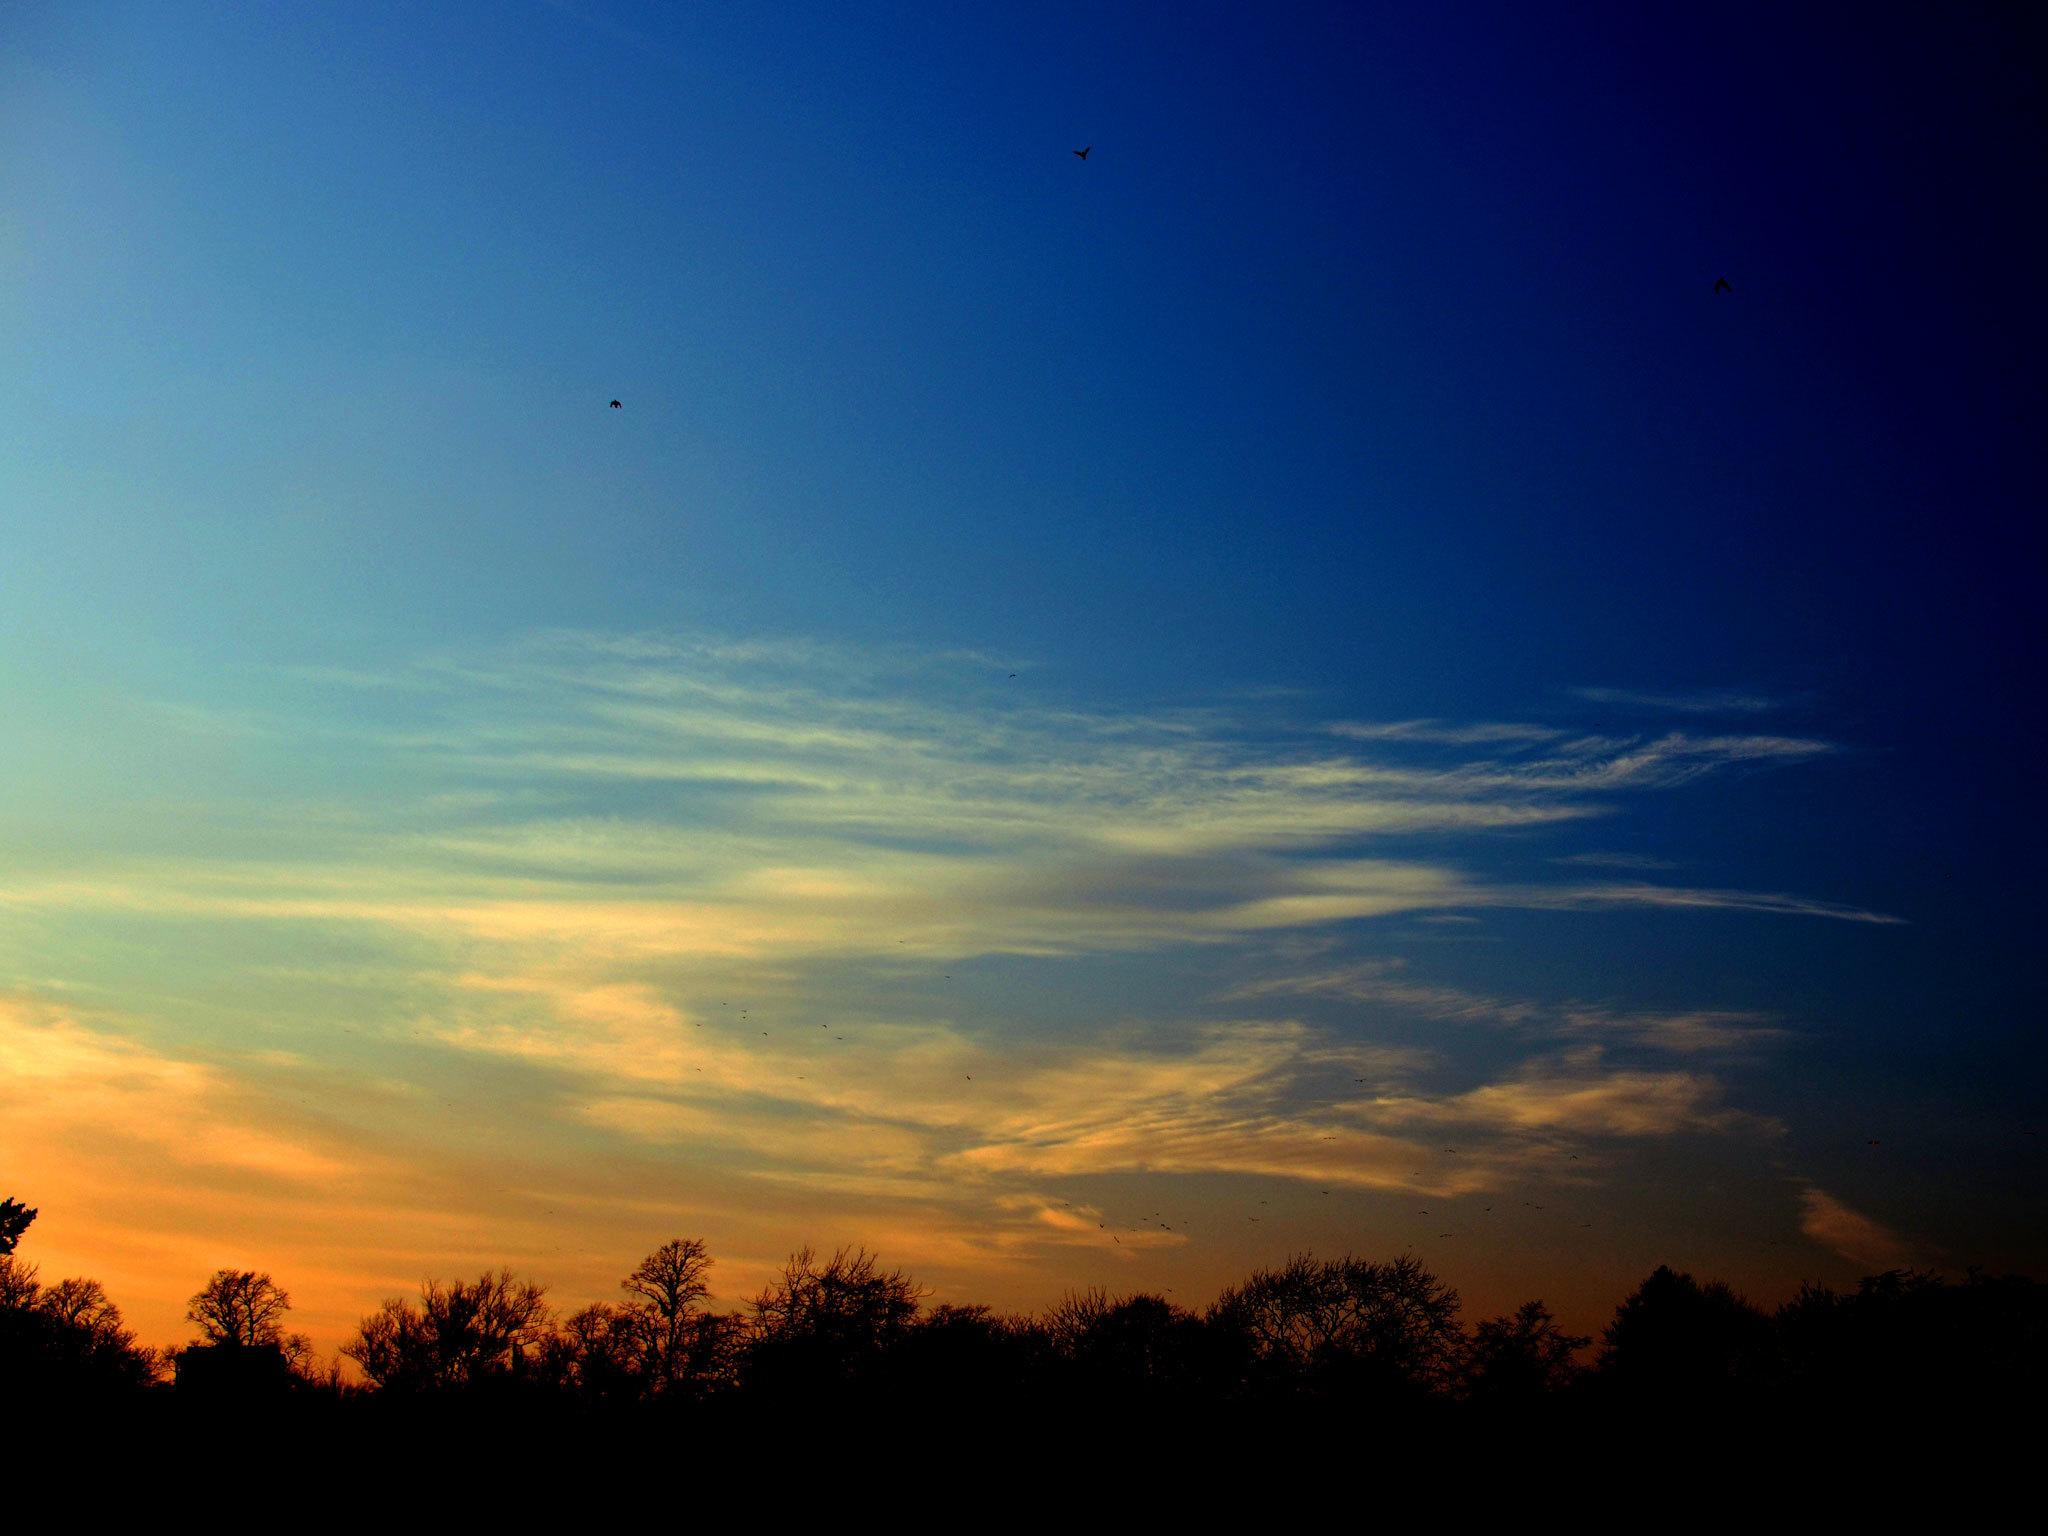 Sunset in Birmingham